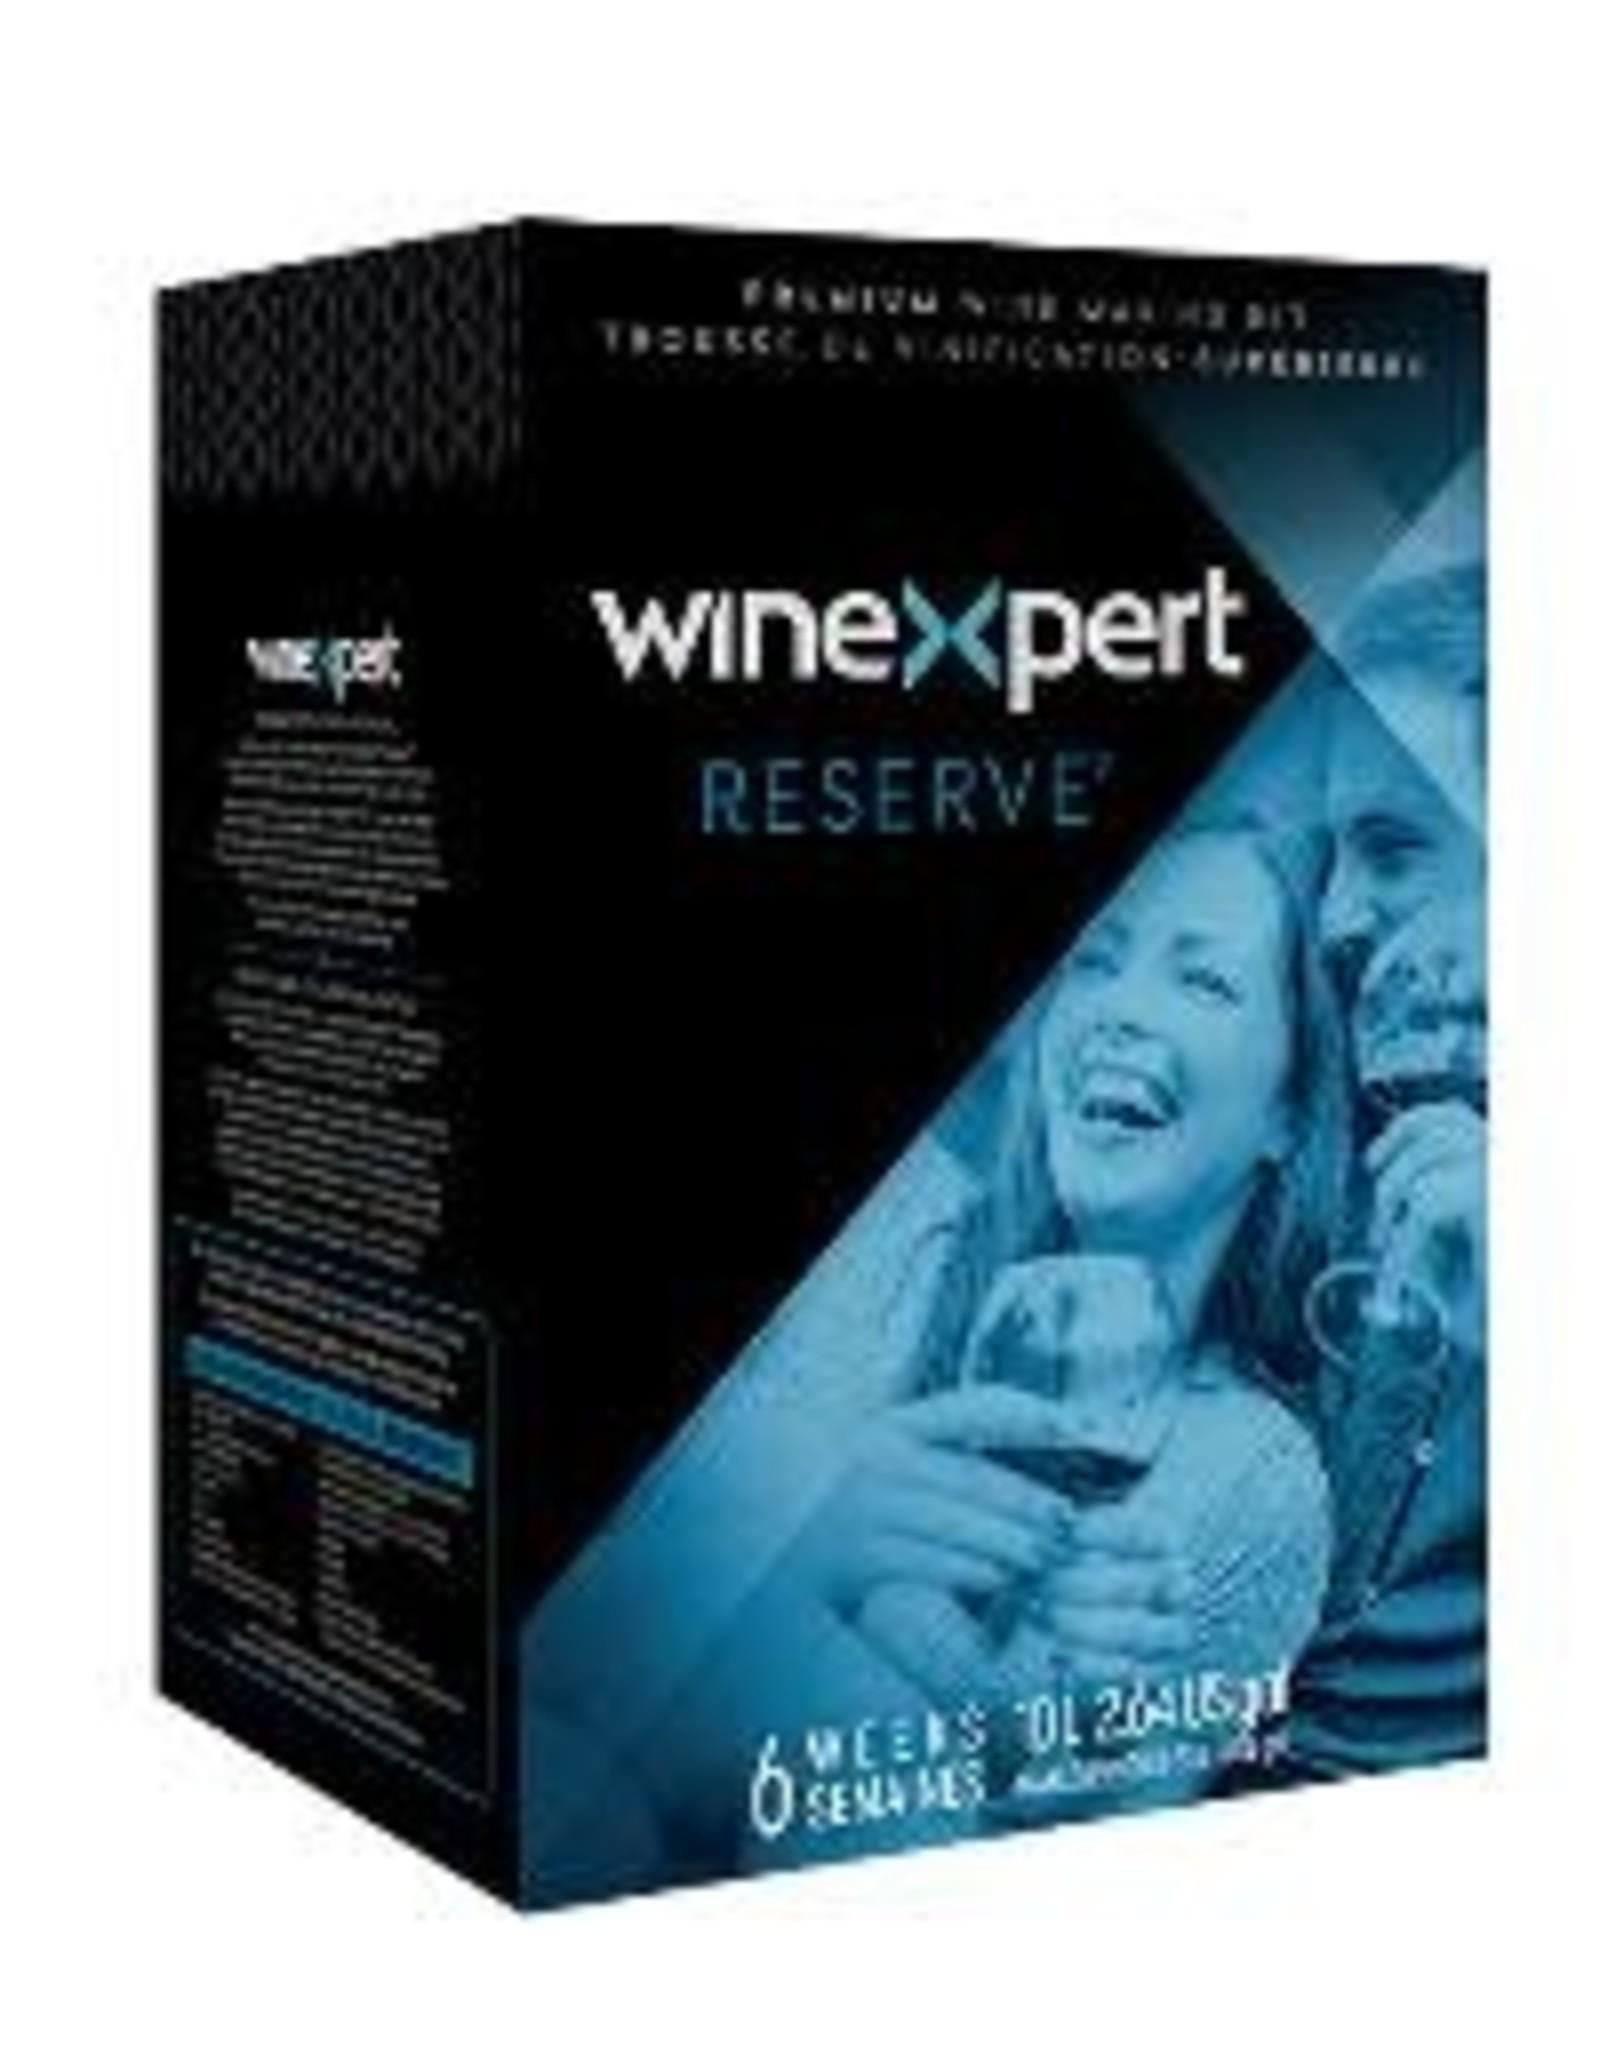 WINE EXPERT RESERVE AUSTRALIAN GRENACHE ROSE 10L WINE KIT